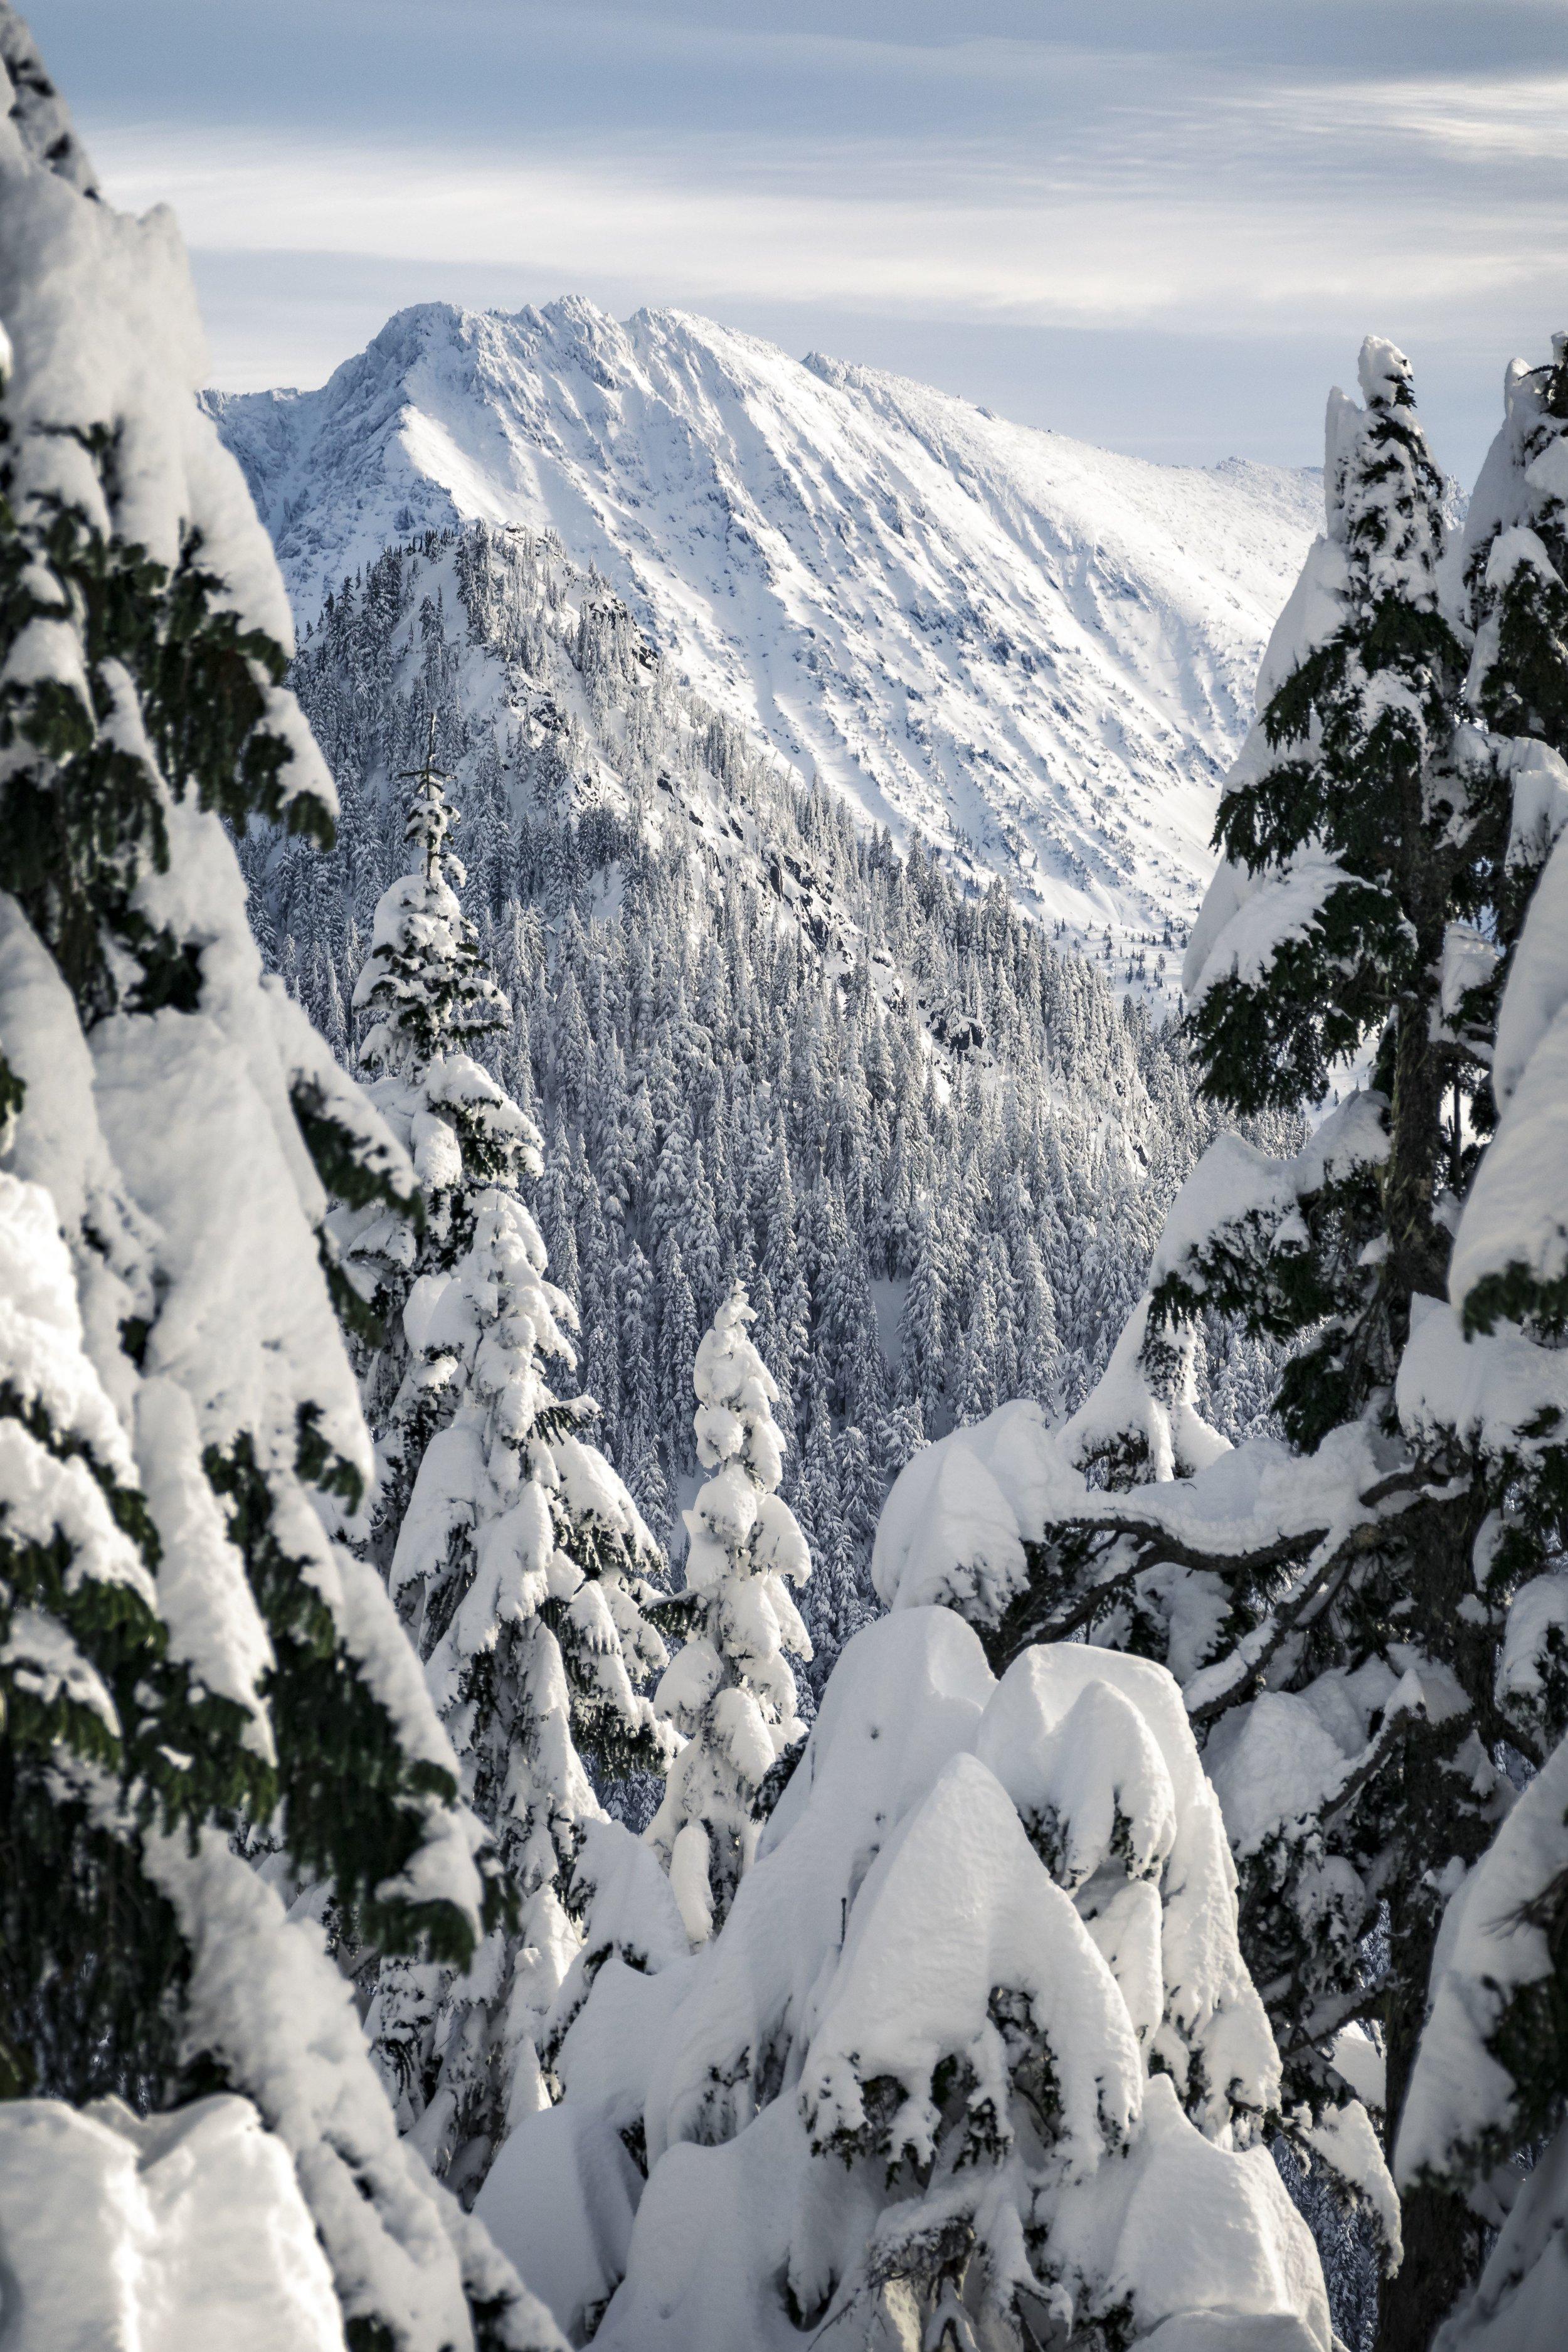 Snowy_Summit_Framed_By_Powder_Trees_in_Cascade_Mountain_Range.jpg